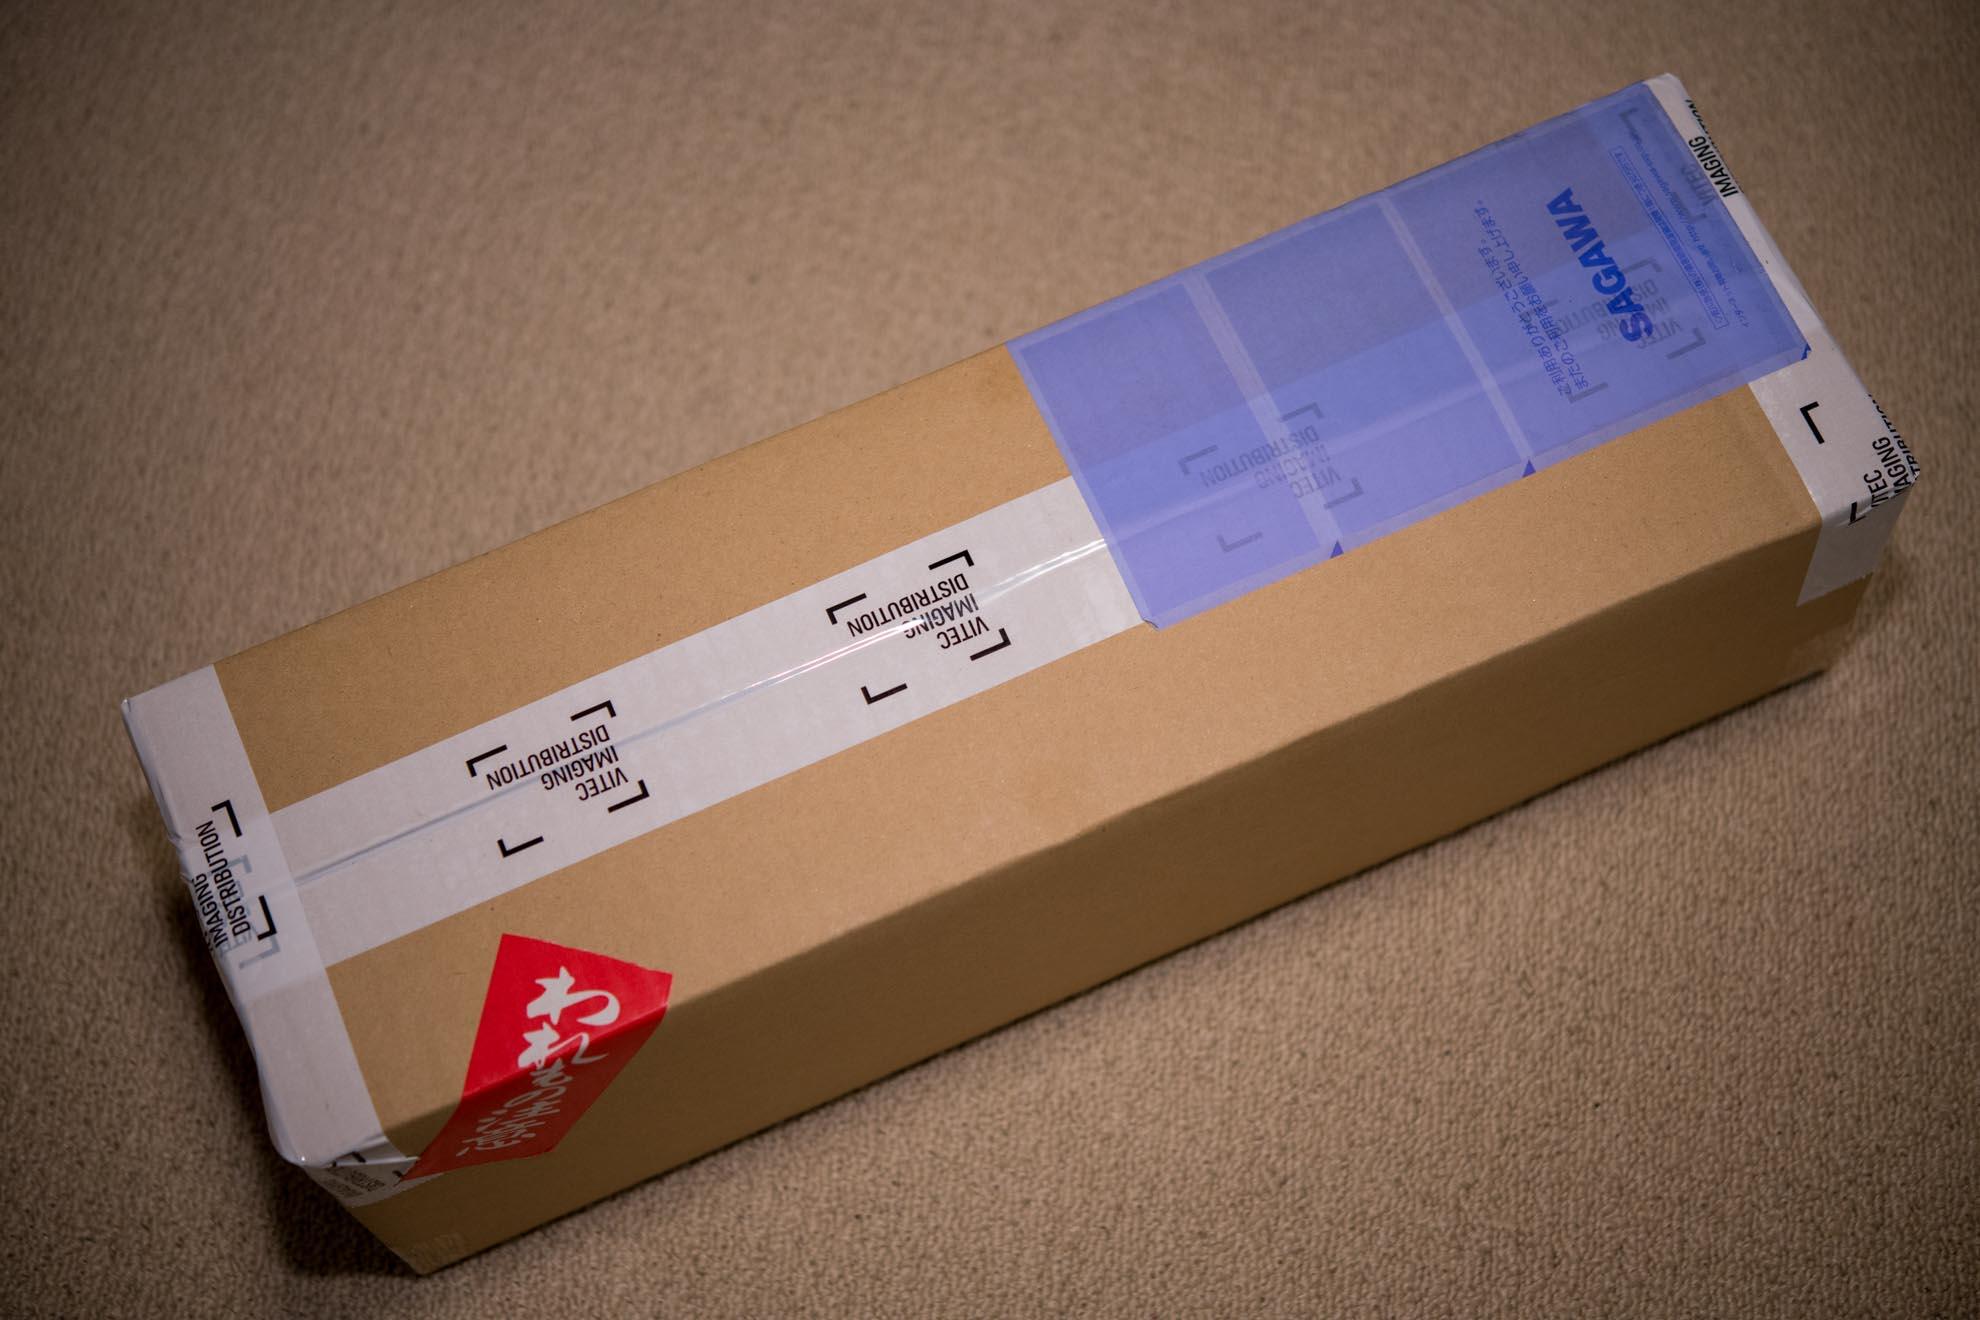 ゴリラポッド5Kの梱包